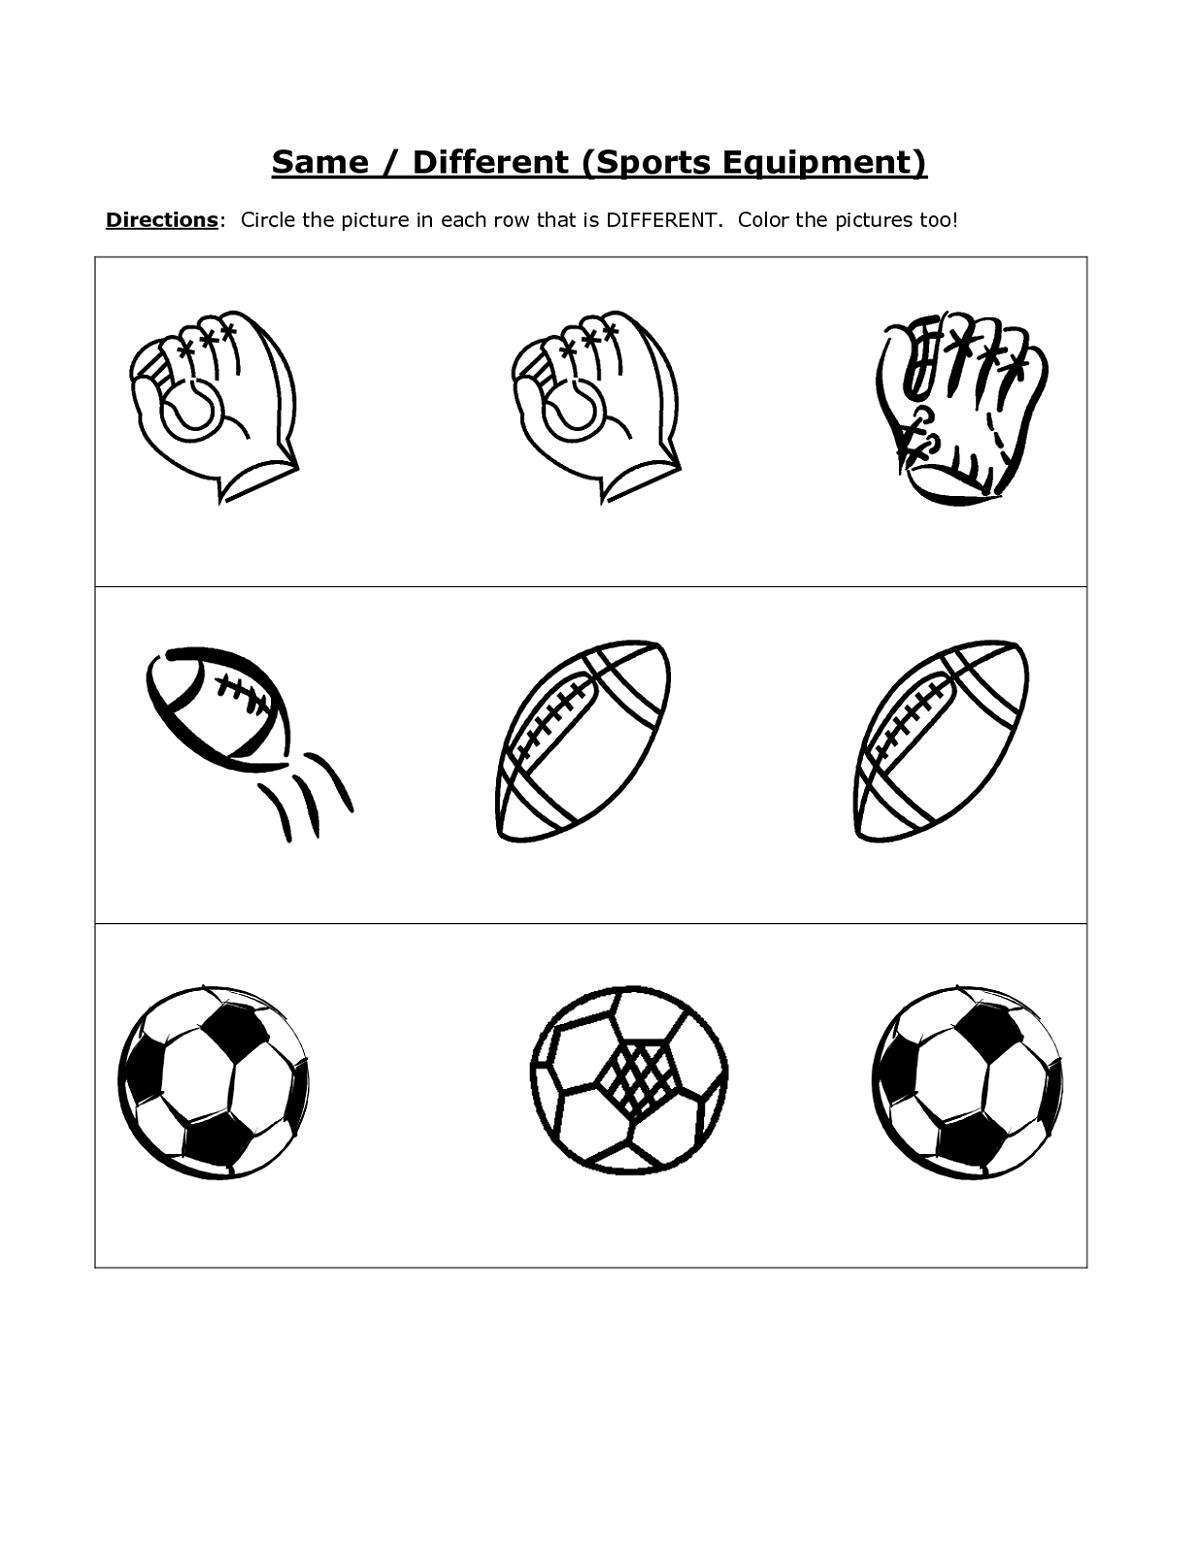 Same and Different Sport Worksheets for Kids | Kiddo Shelter | Kids ...